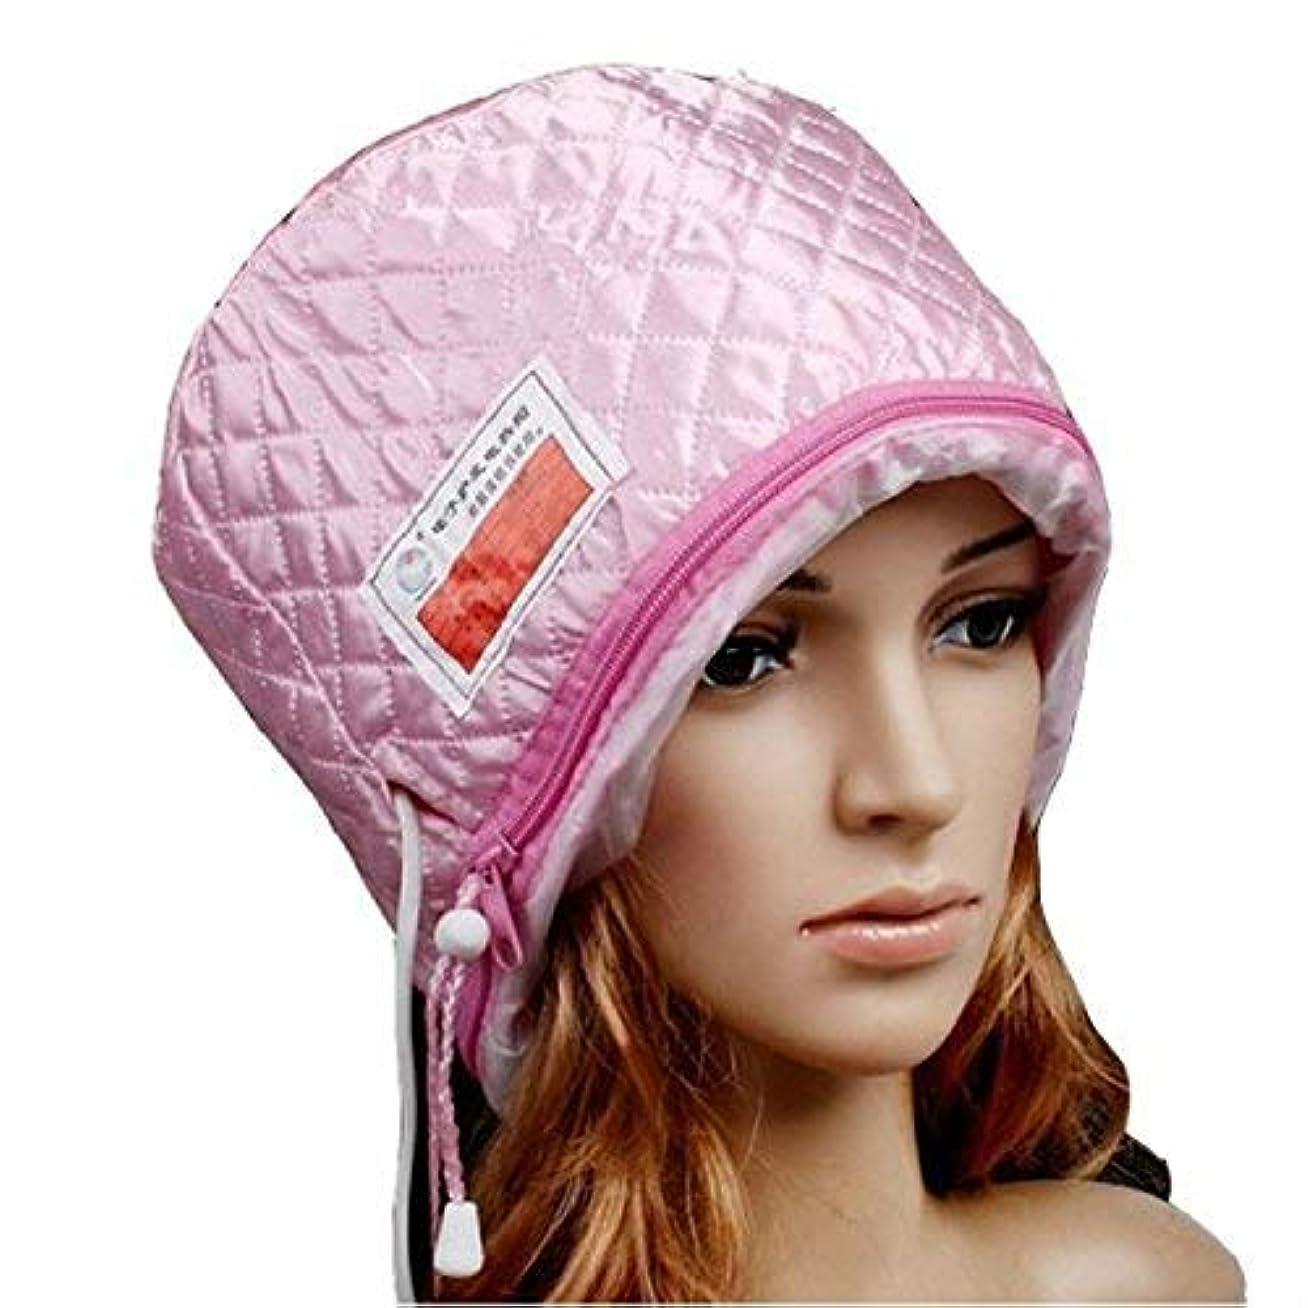 コントローラ慎重に動脈セキュリティファッションヘアケアヘアメンブレンキャップ電気加熱キャップ美容スチーマー栄養帽子